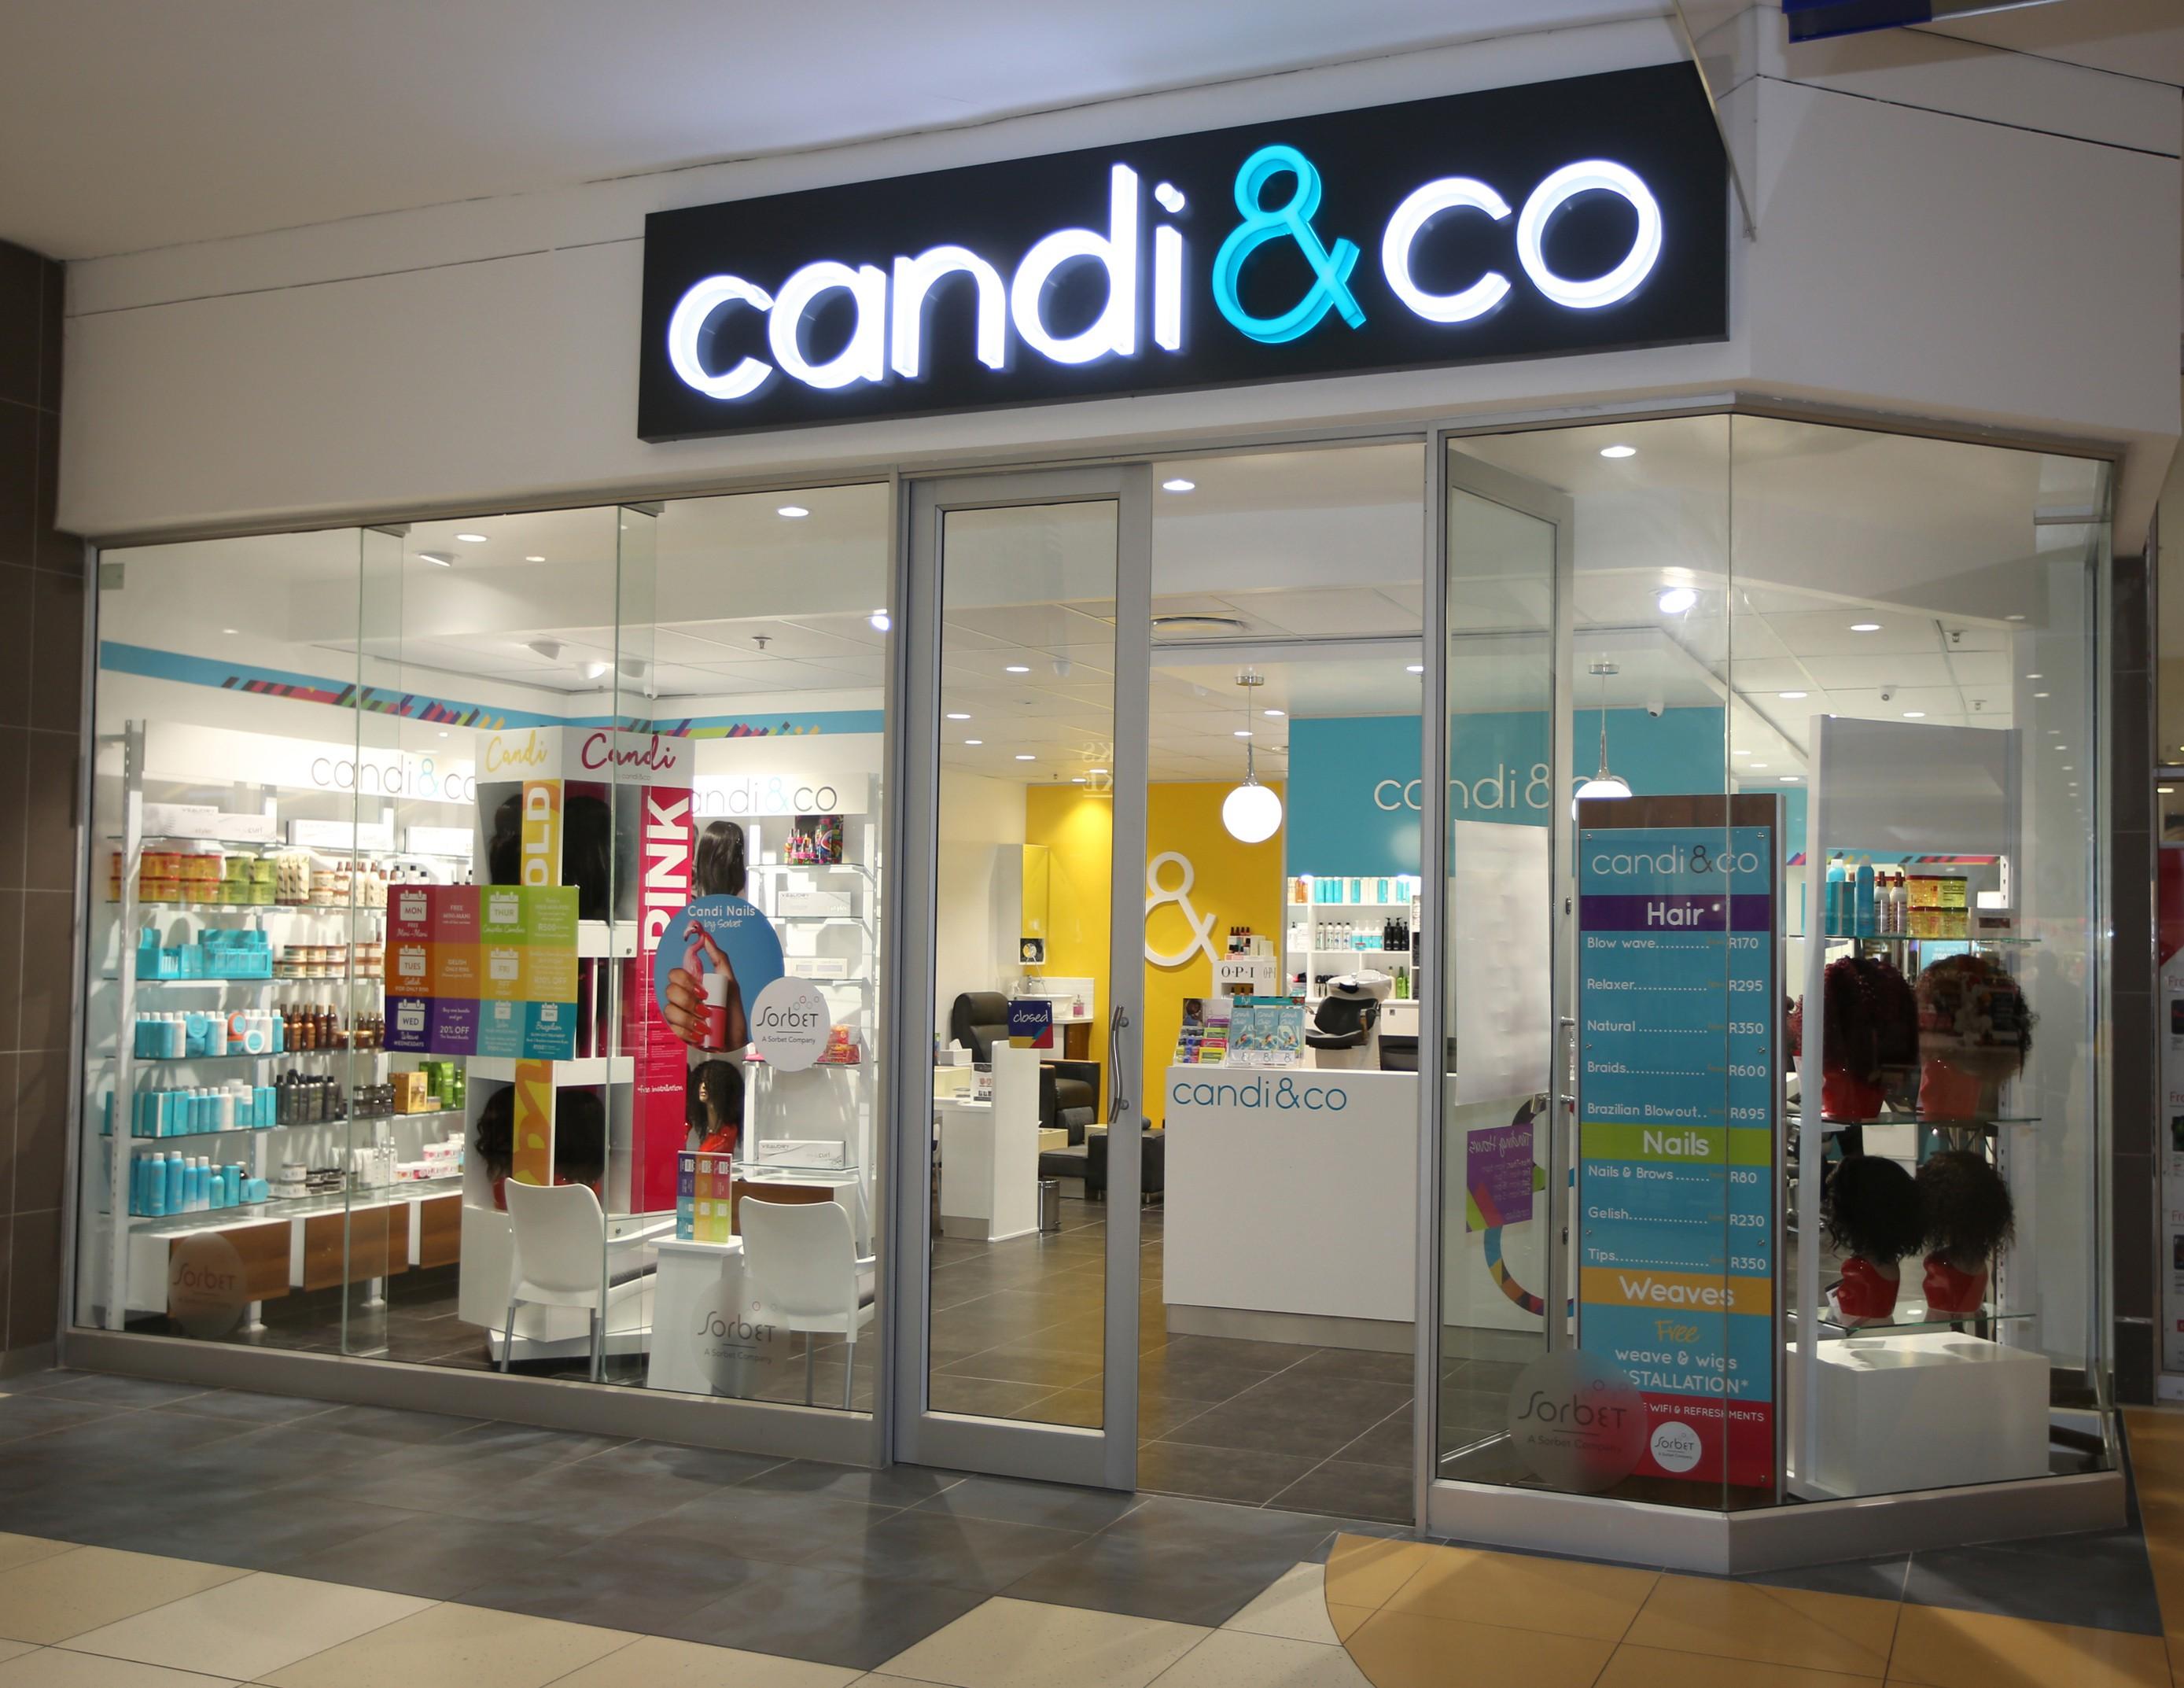 Candi & Co